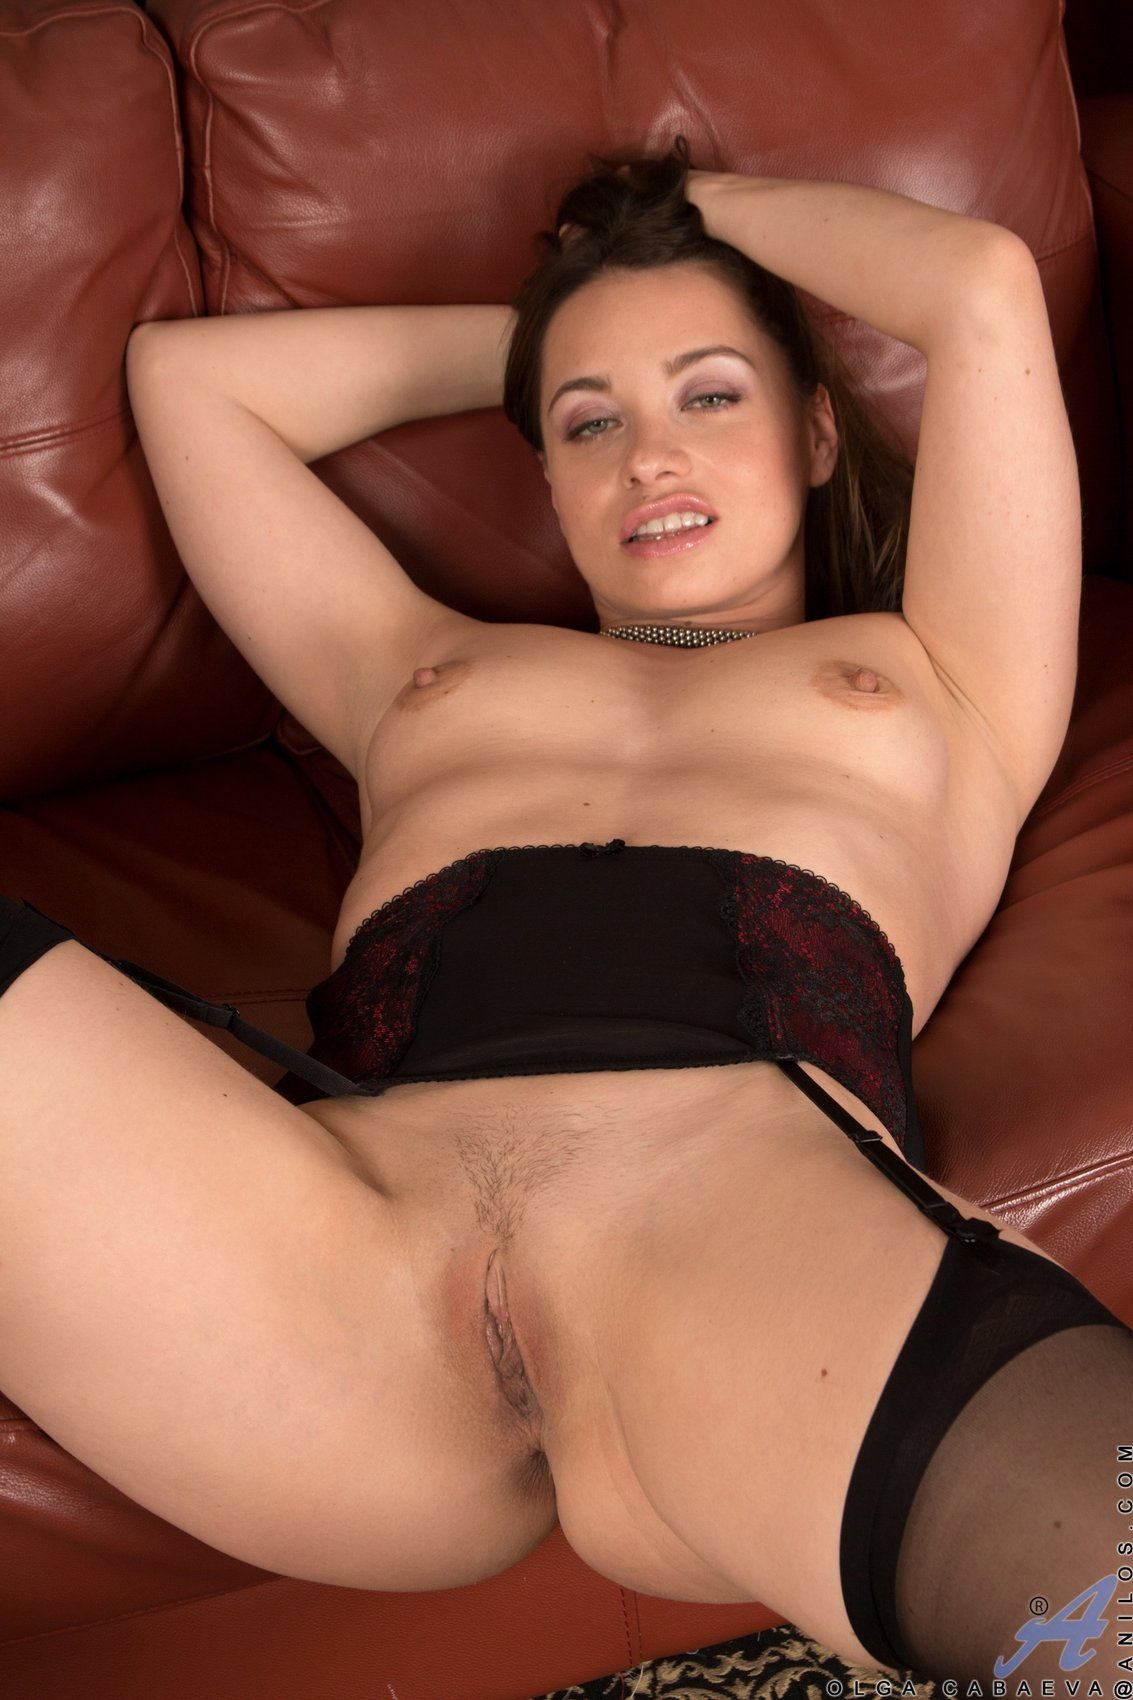 Olga Cabaeva Porn